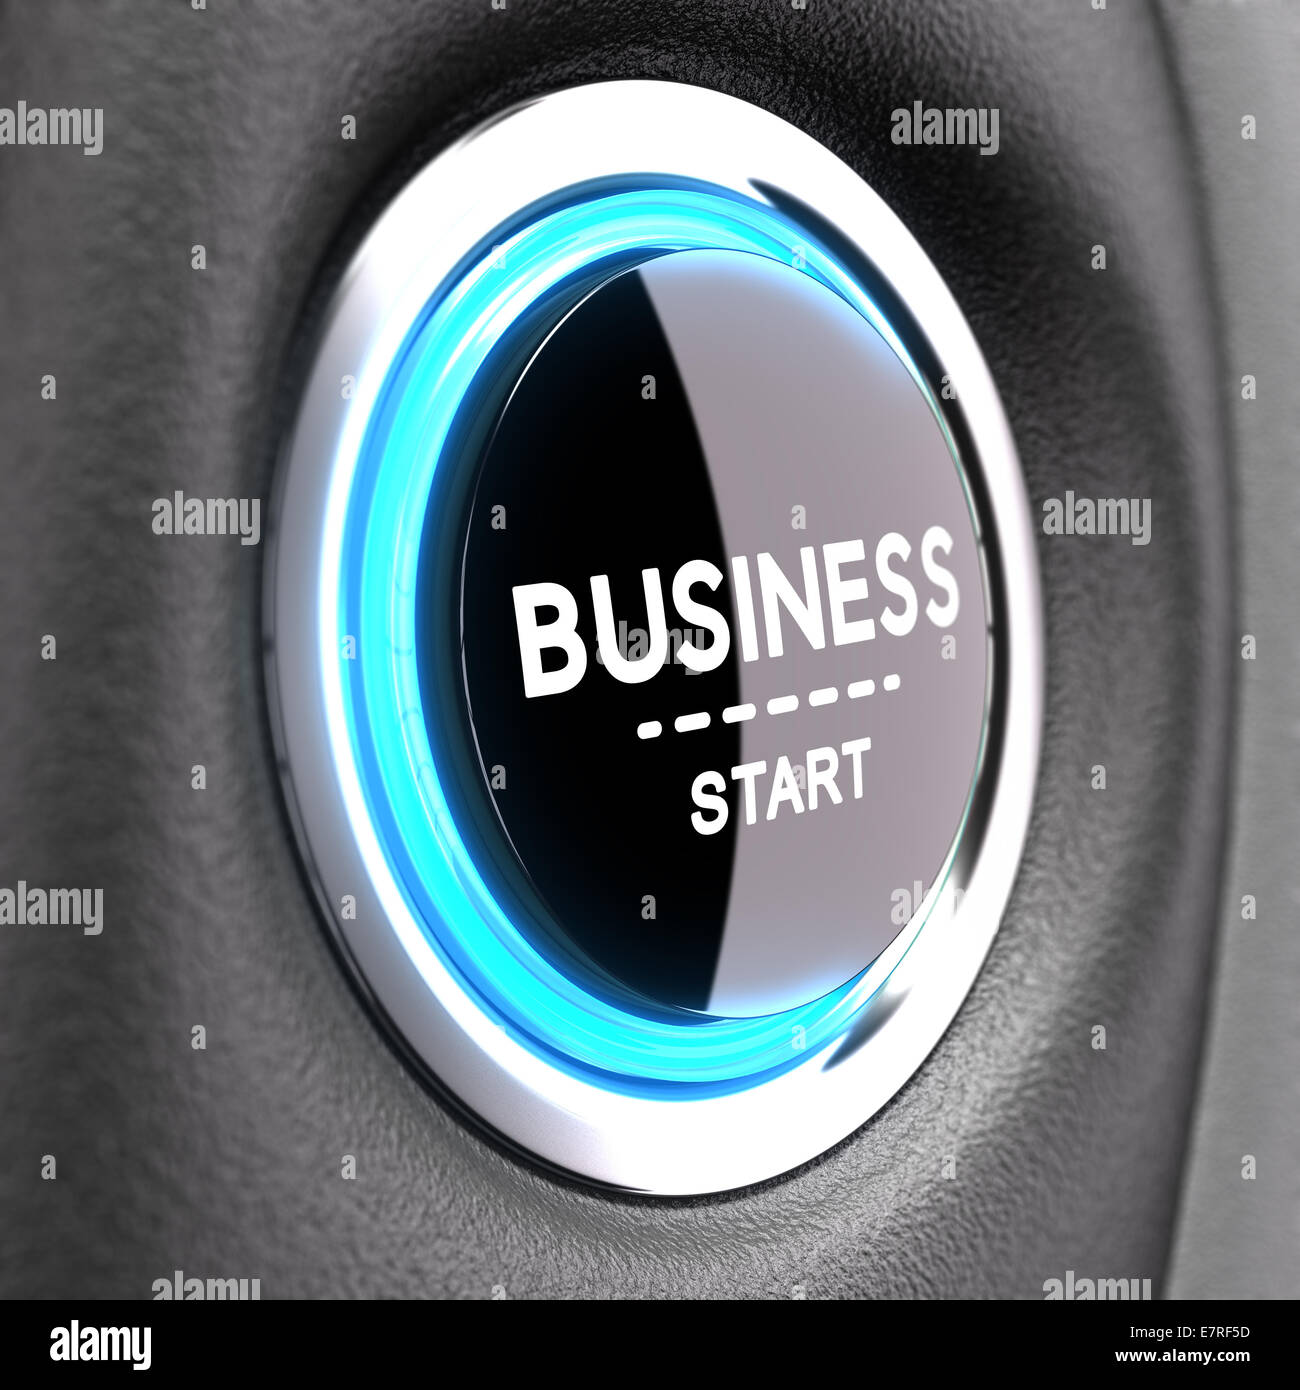 Pulsador azul con la frase iniciar negocios. Imagen concepto para ilustrar los nuevos negocios Imagen De Stock